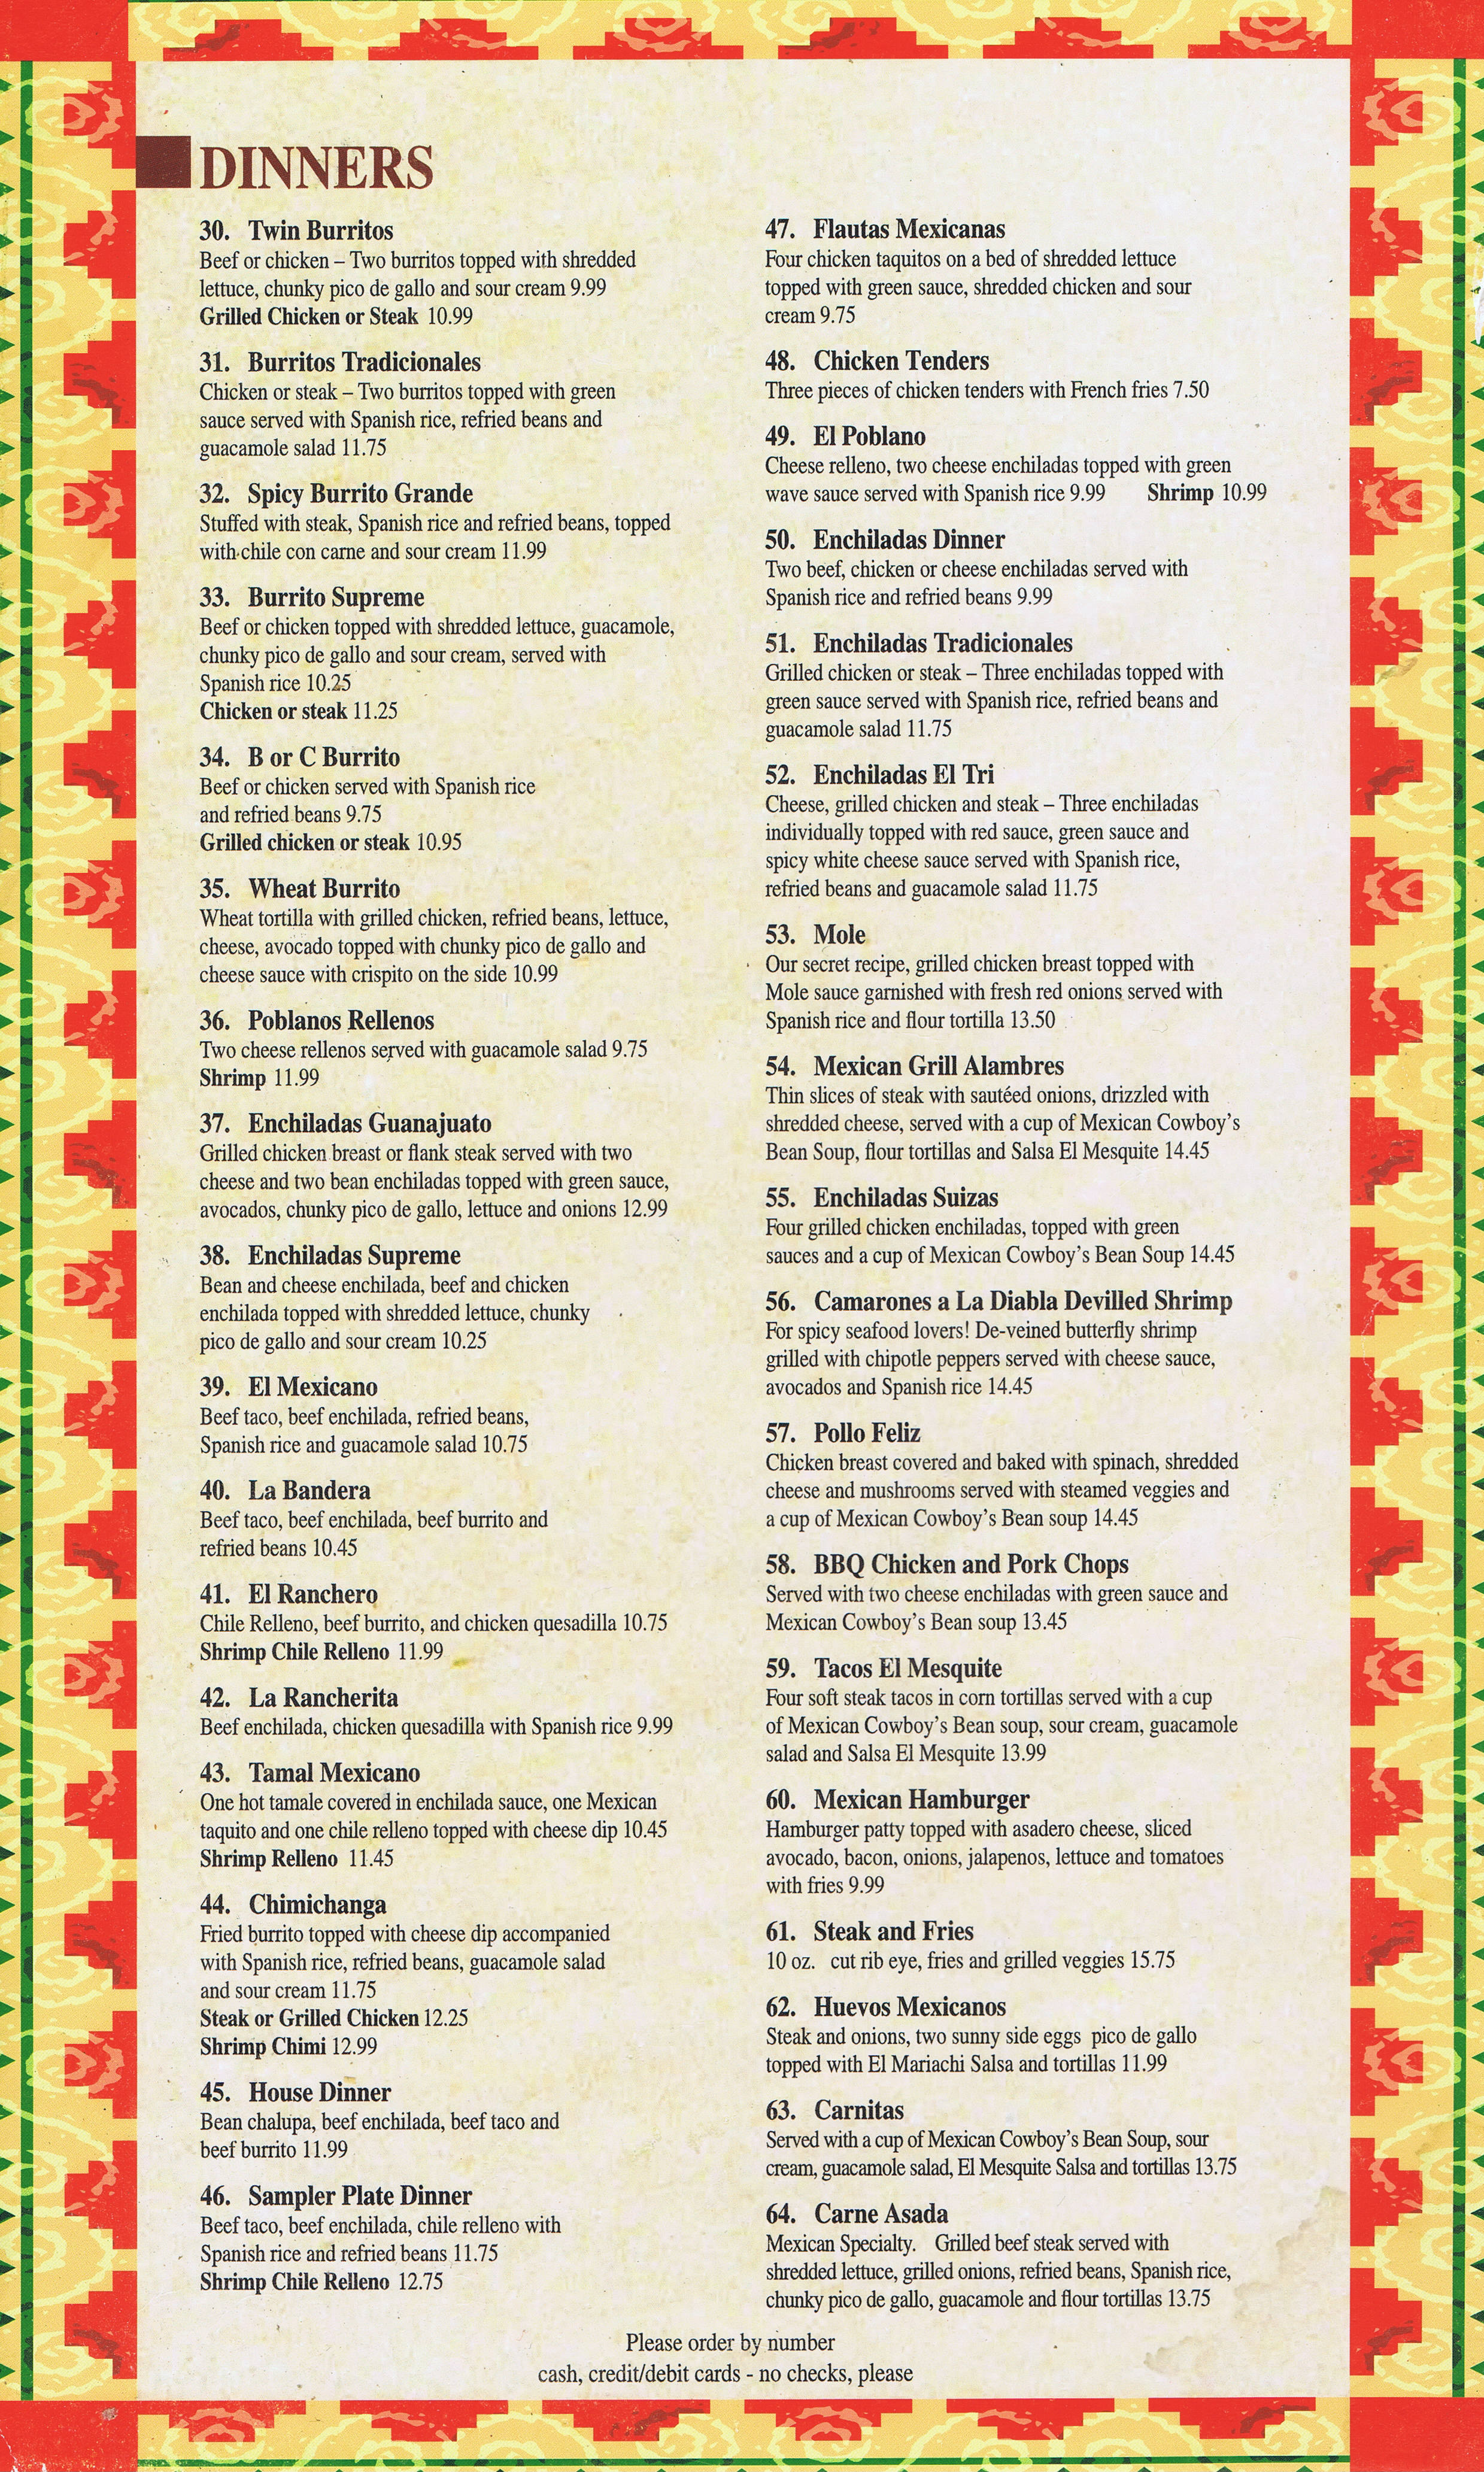 El Mariachi Mexican Restaurant image 2